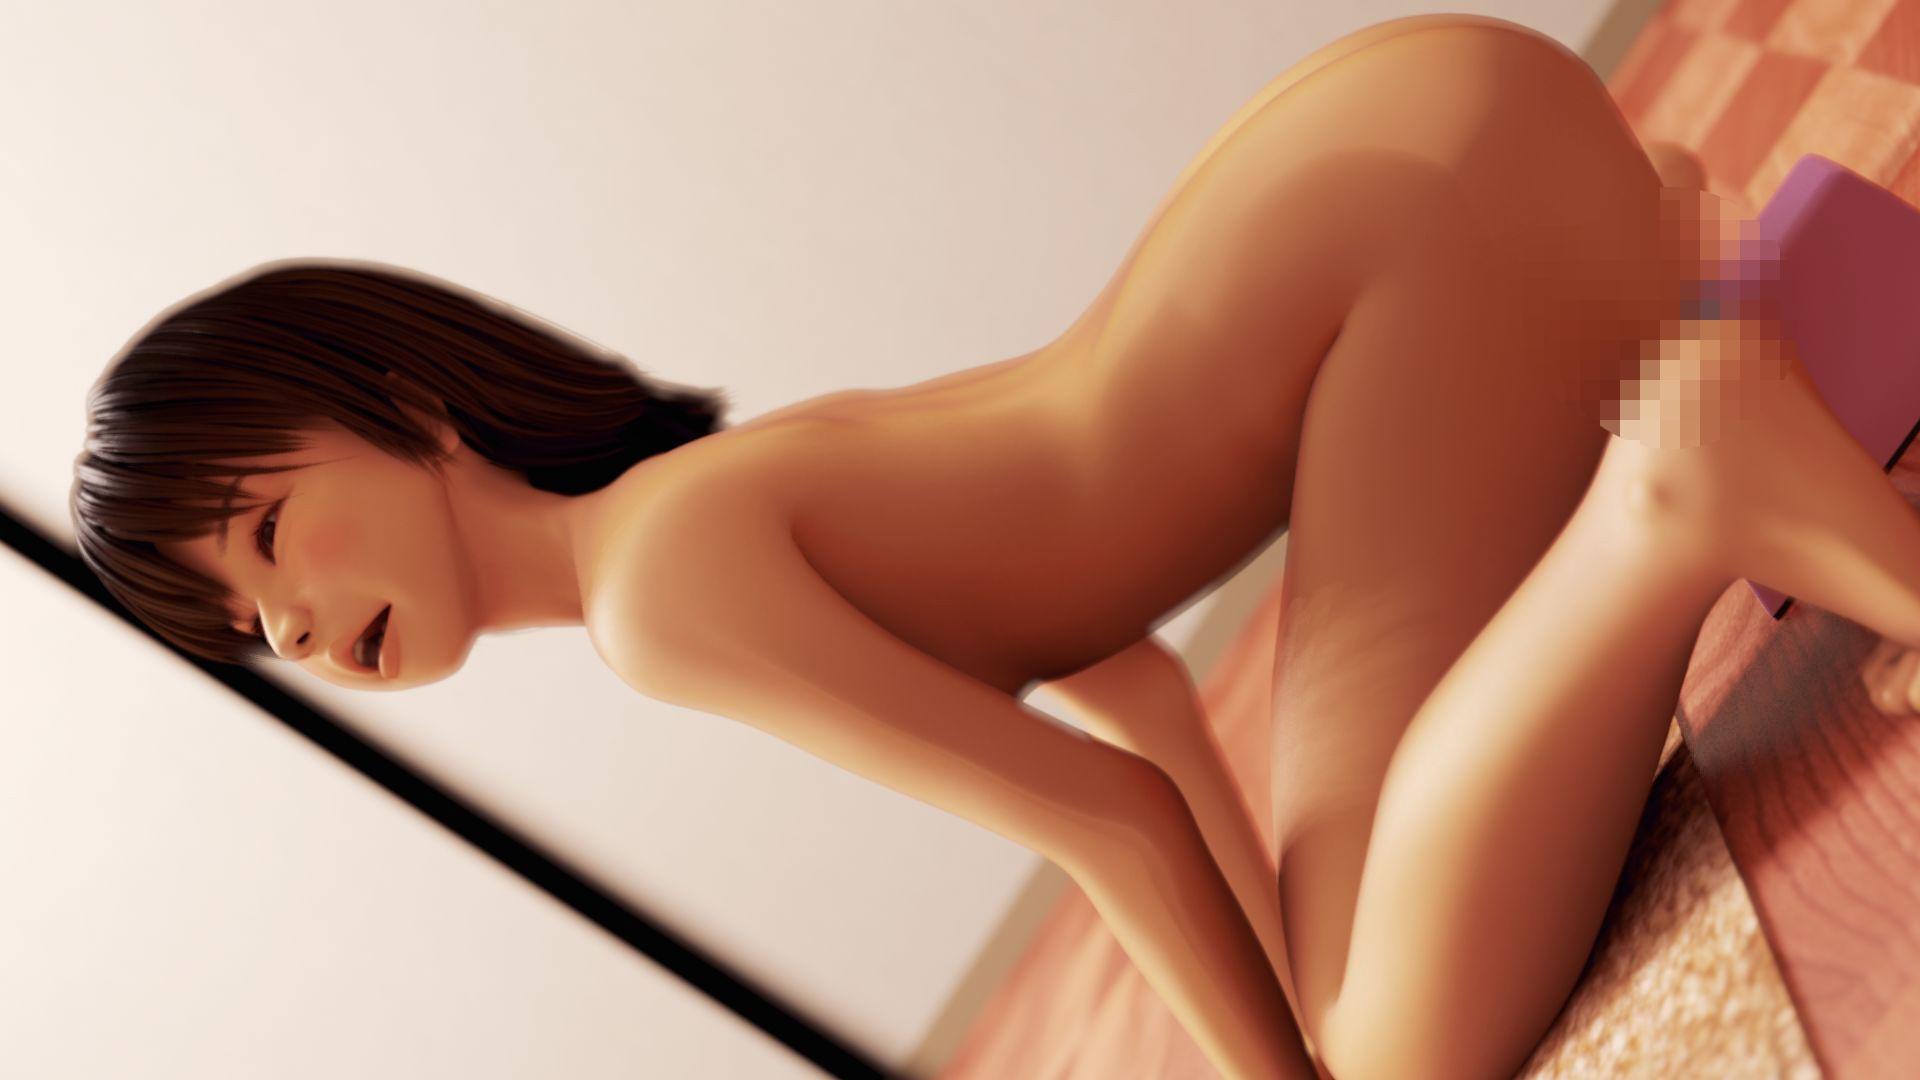 Pistonのサンプル画像4